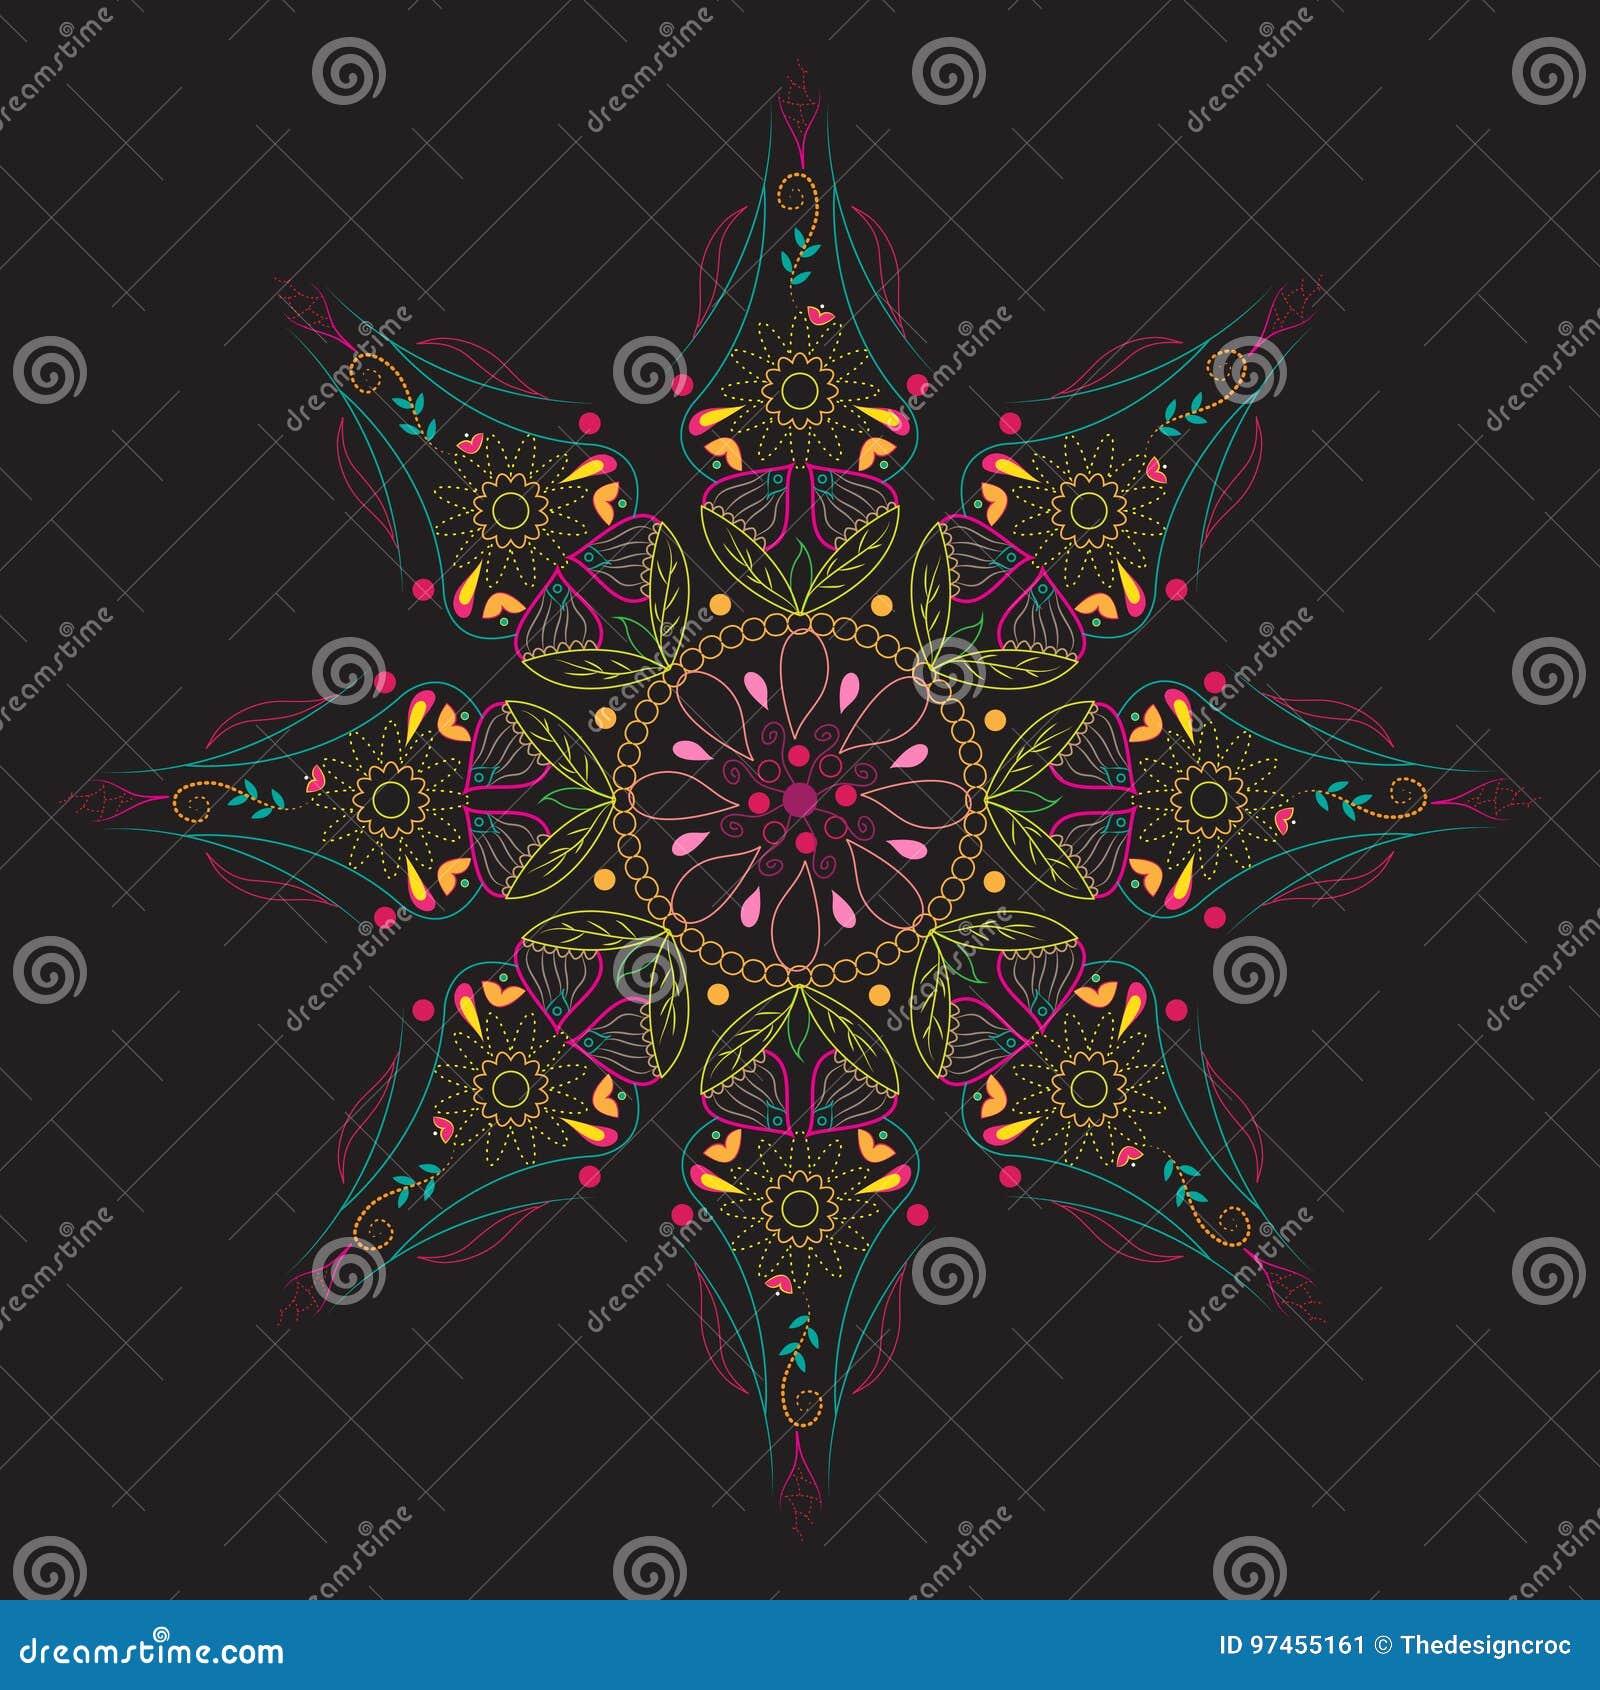 Henna Art Design Background